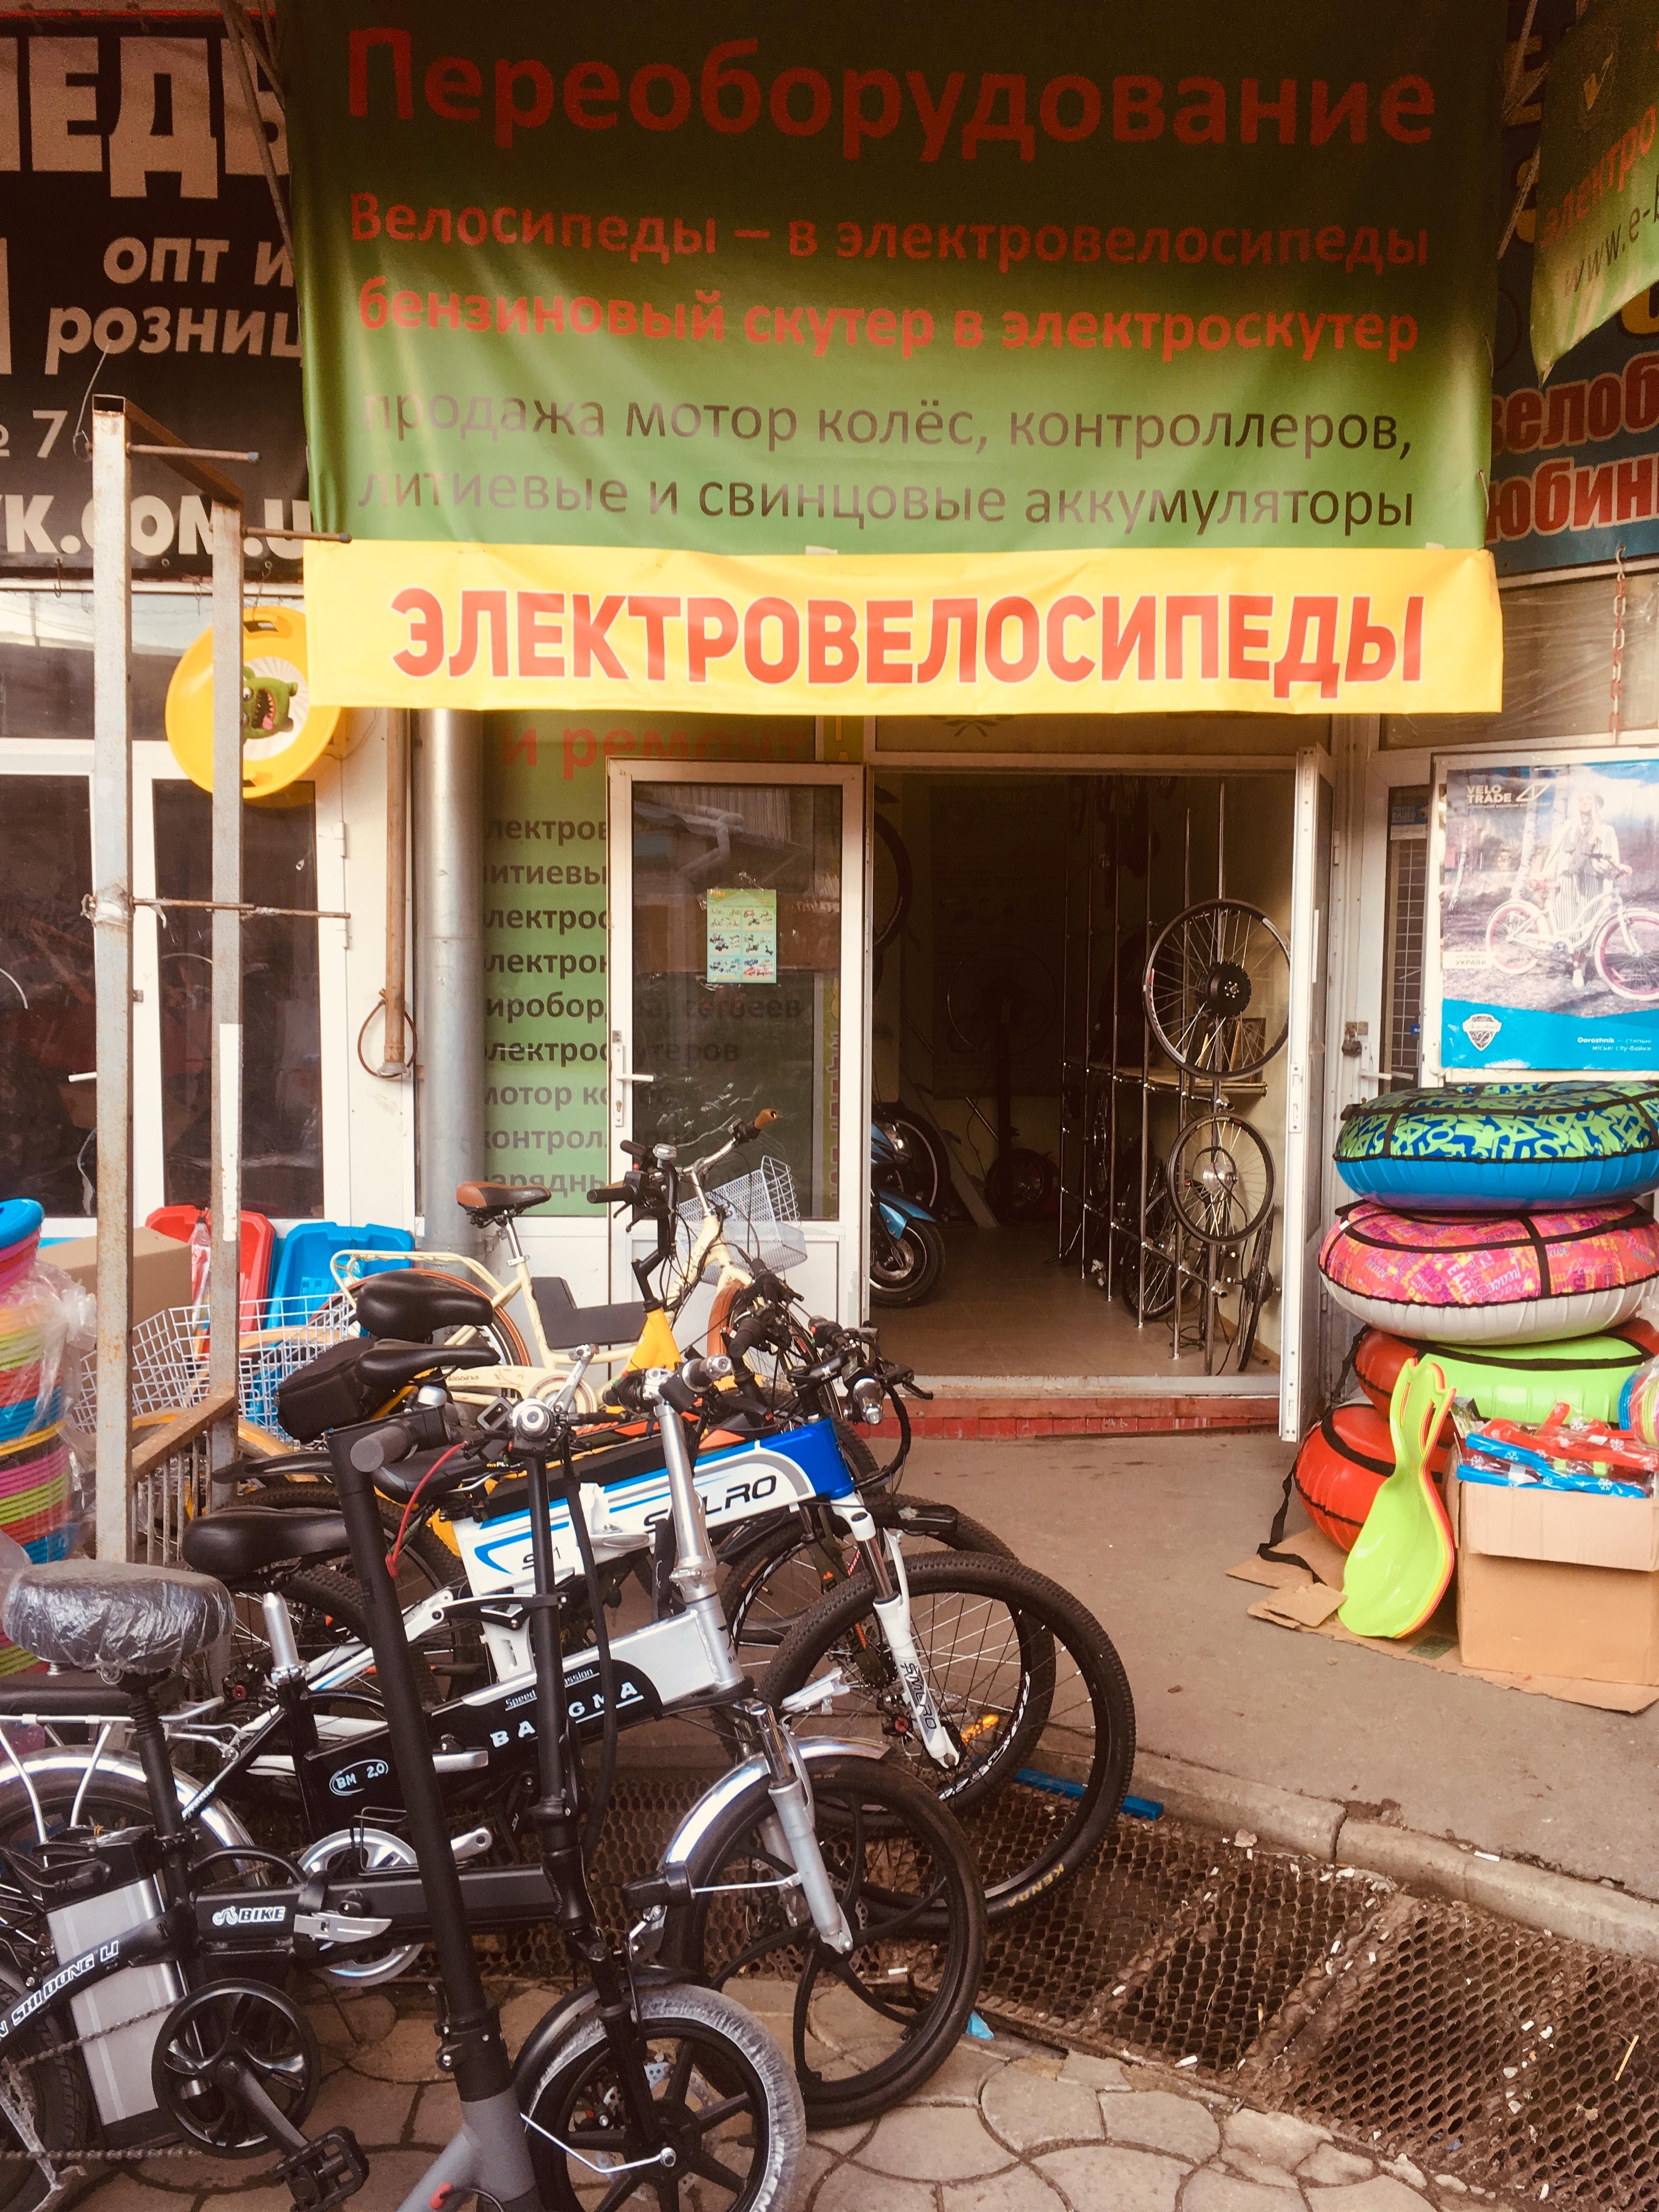 Веломагазин Elvabike.com